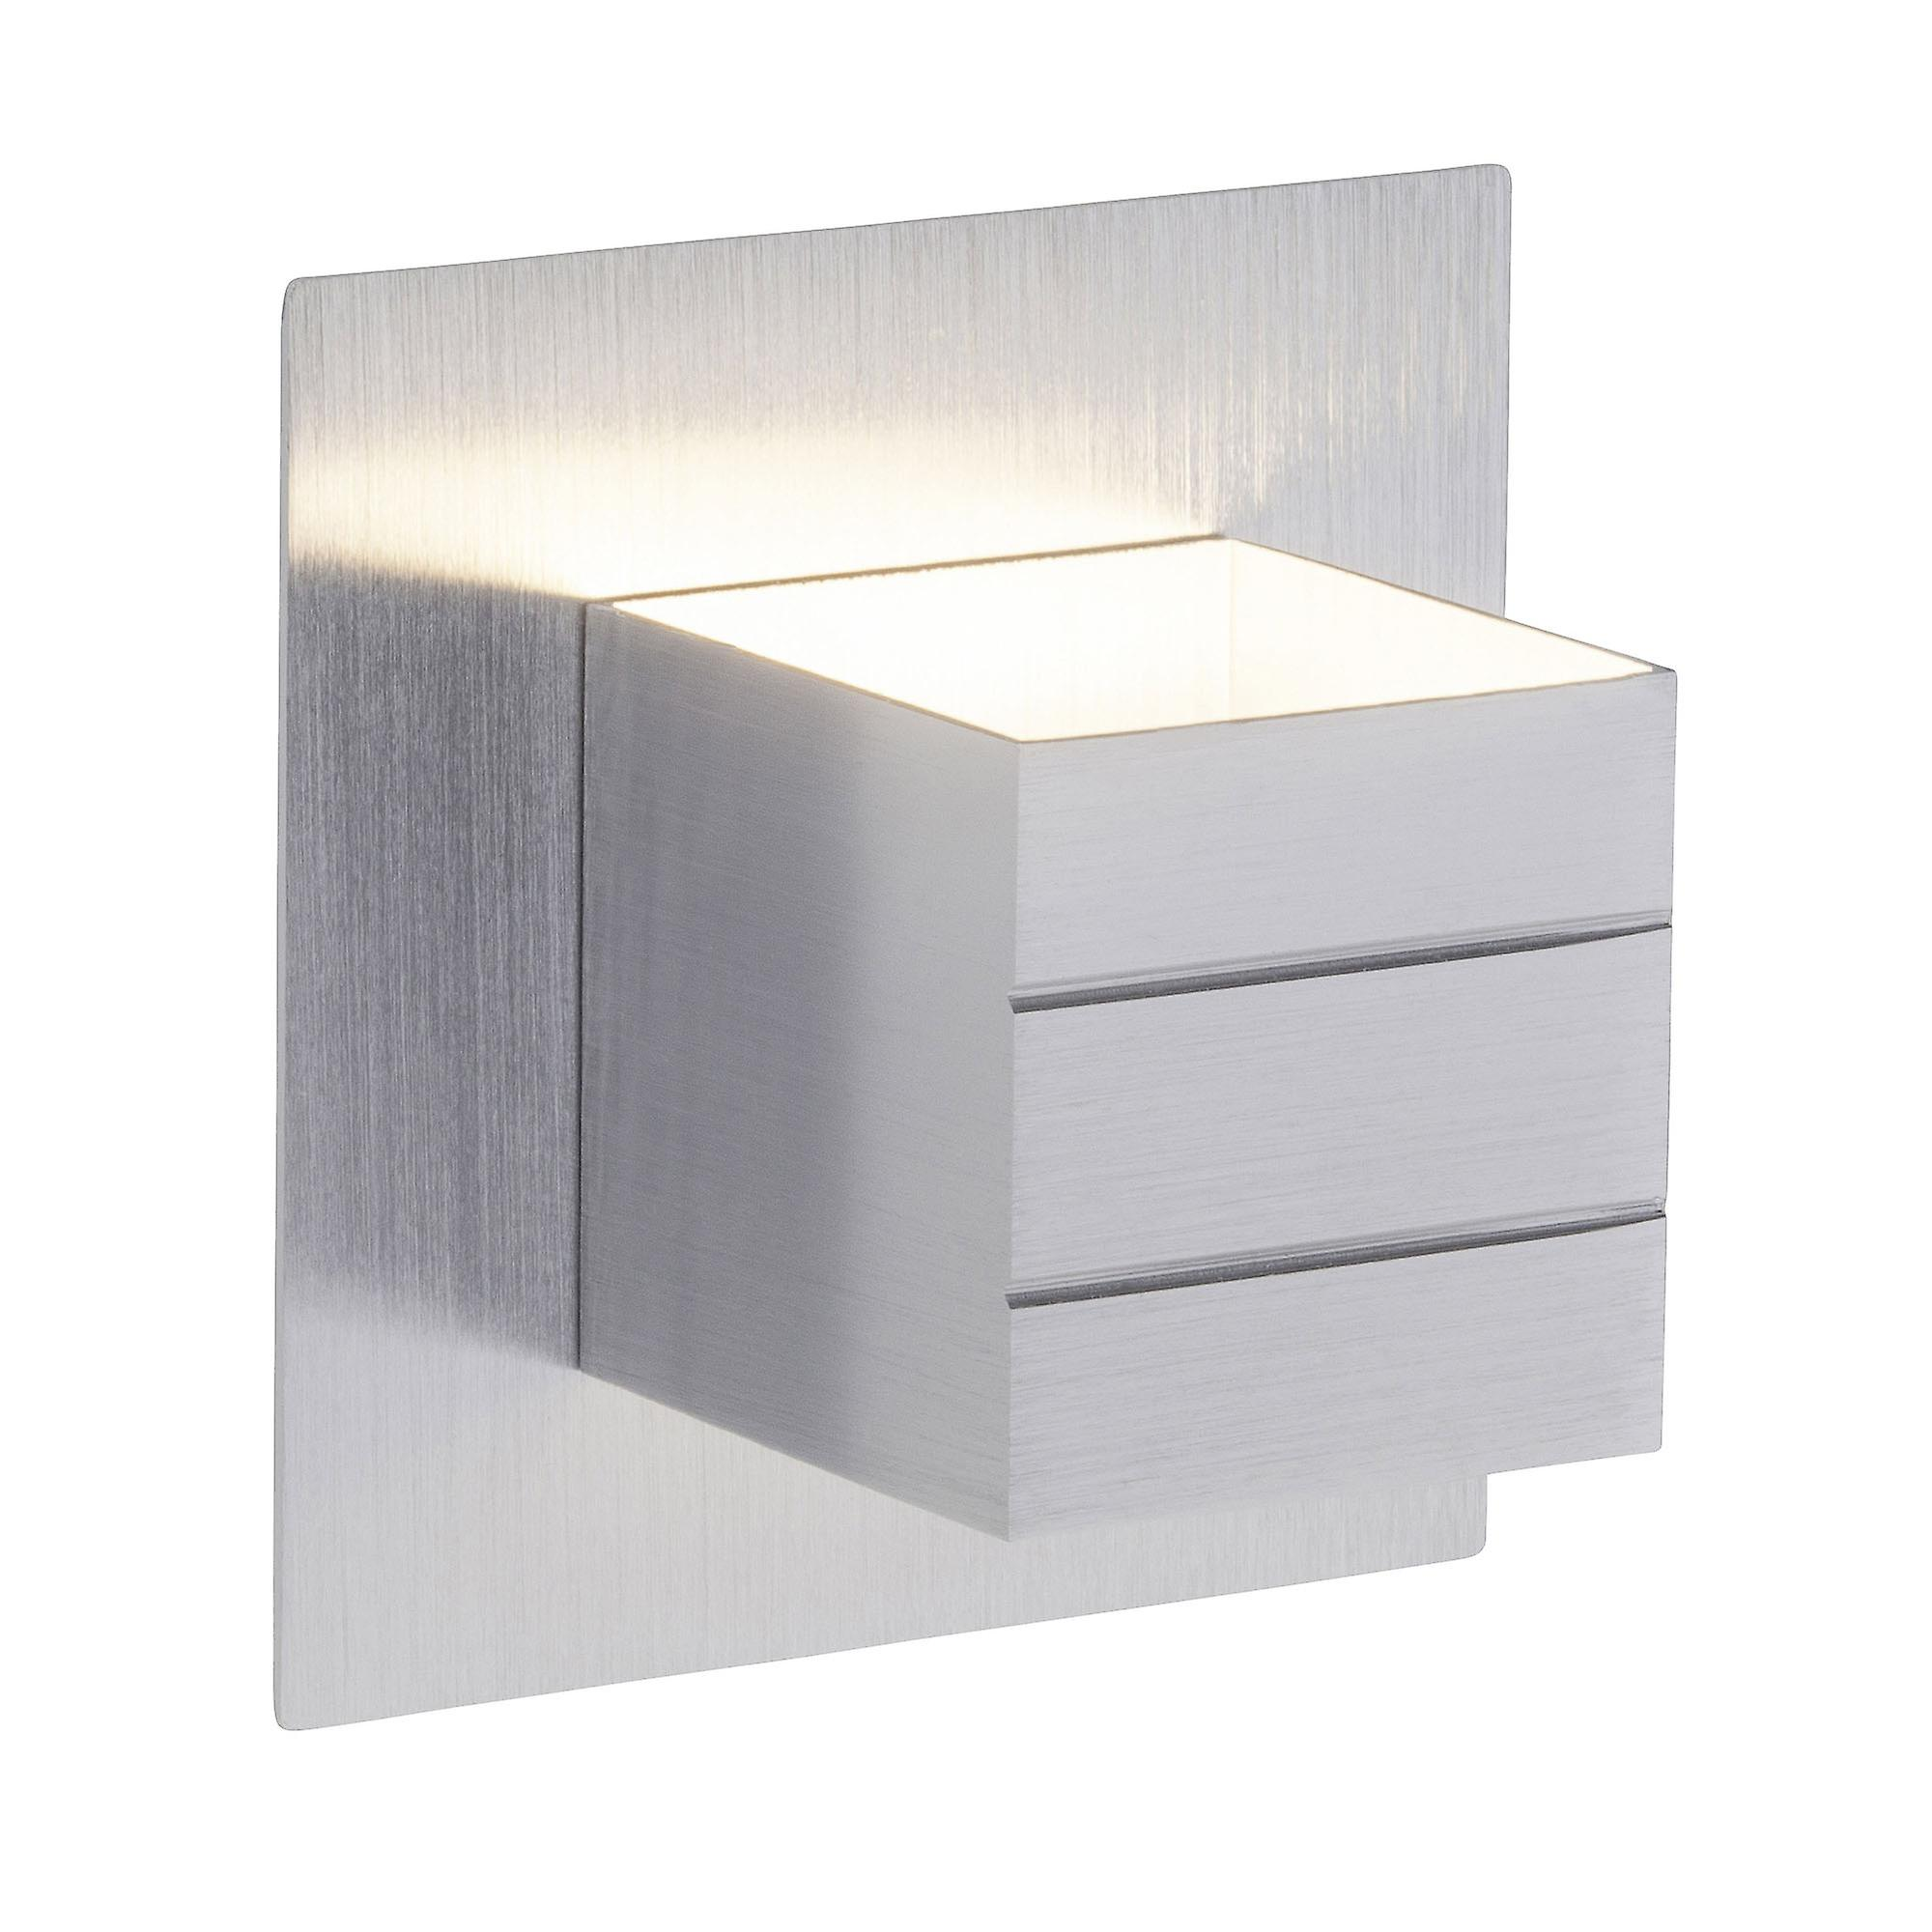 BRILLIANT Lampe FIXED LED Wandleuchte Schalter alu I Mit Kippschalter I Energiesparend und langlebig durch LED-Einsatz